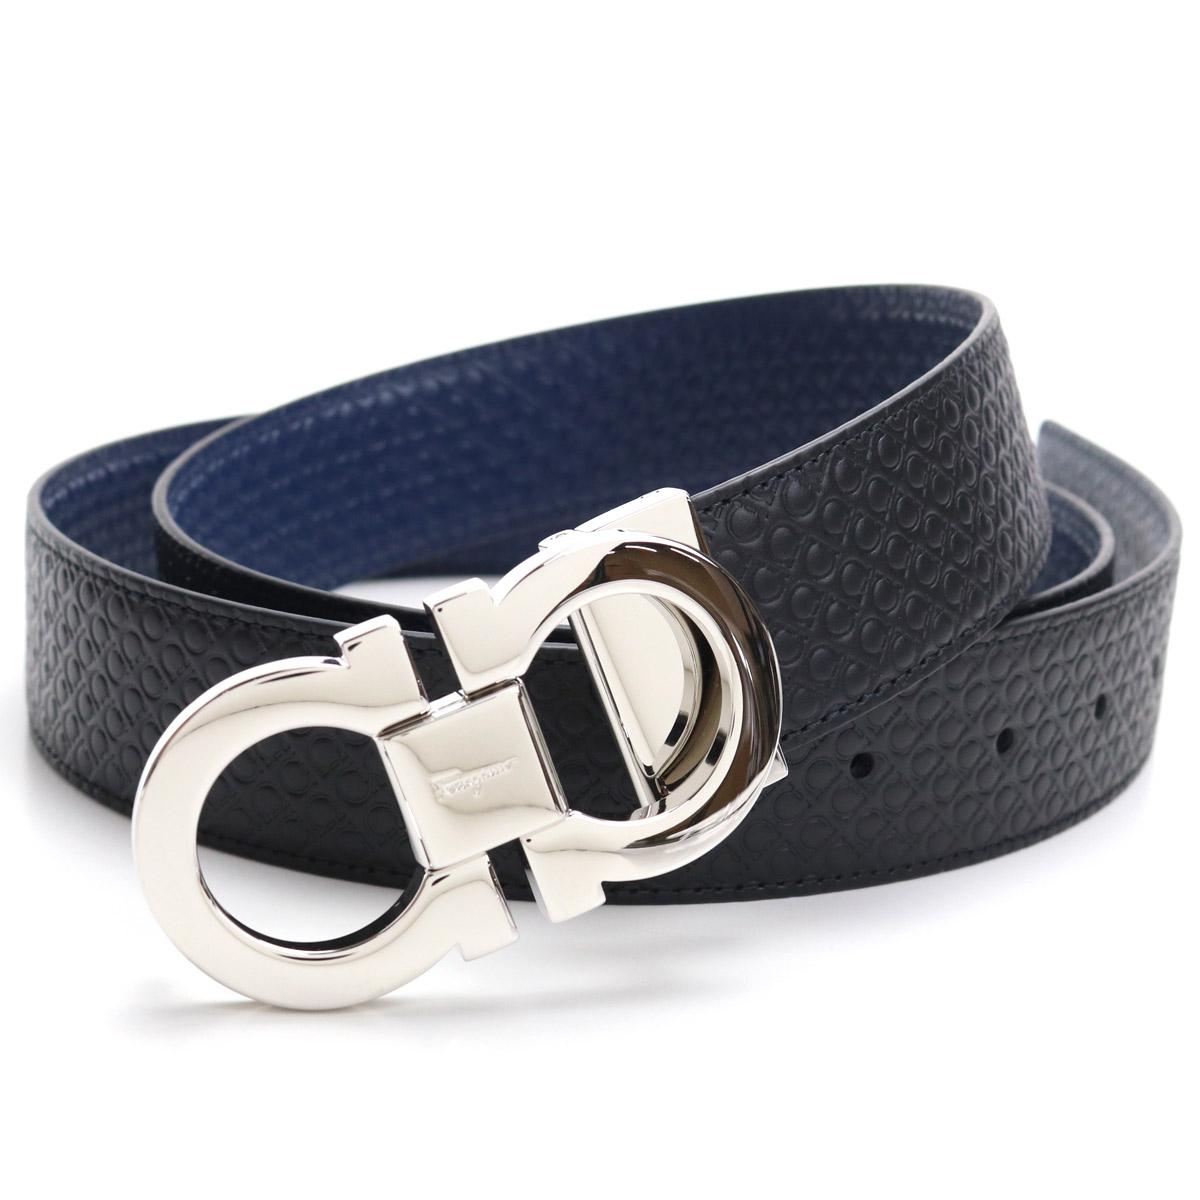 フェラガモ FERRAGAMO メンズベルト 67-9535 0714462 NERO/FJORD BLUE ブラック ネイビー系 メンズ